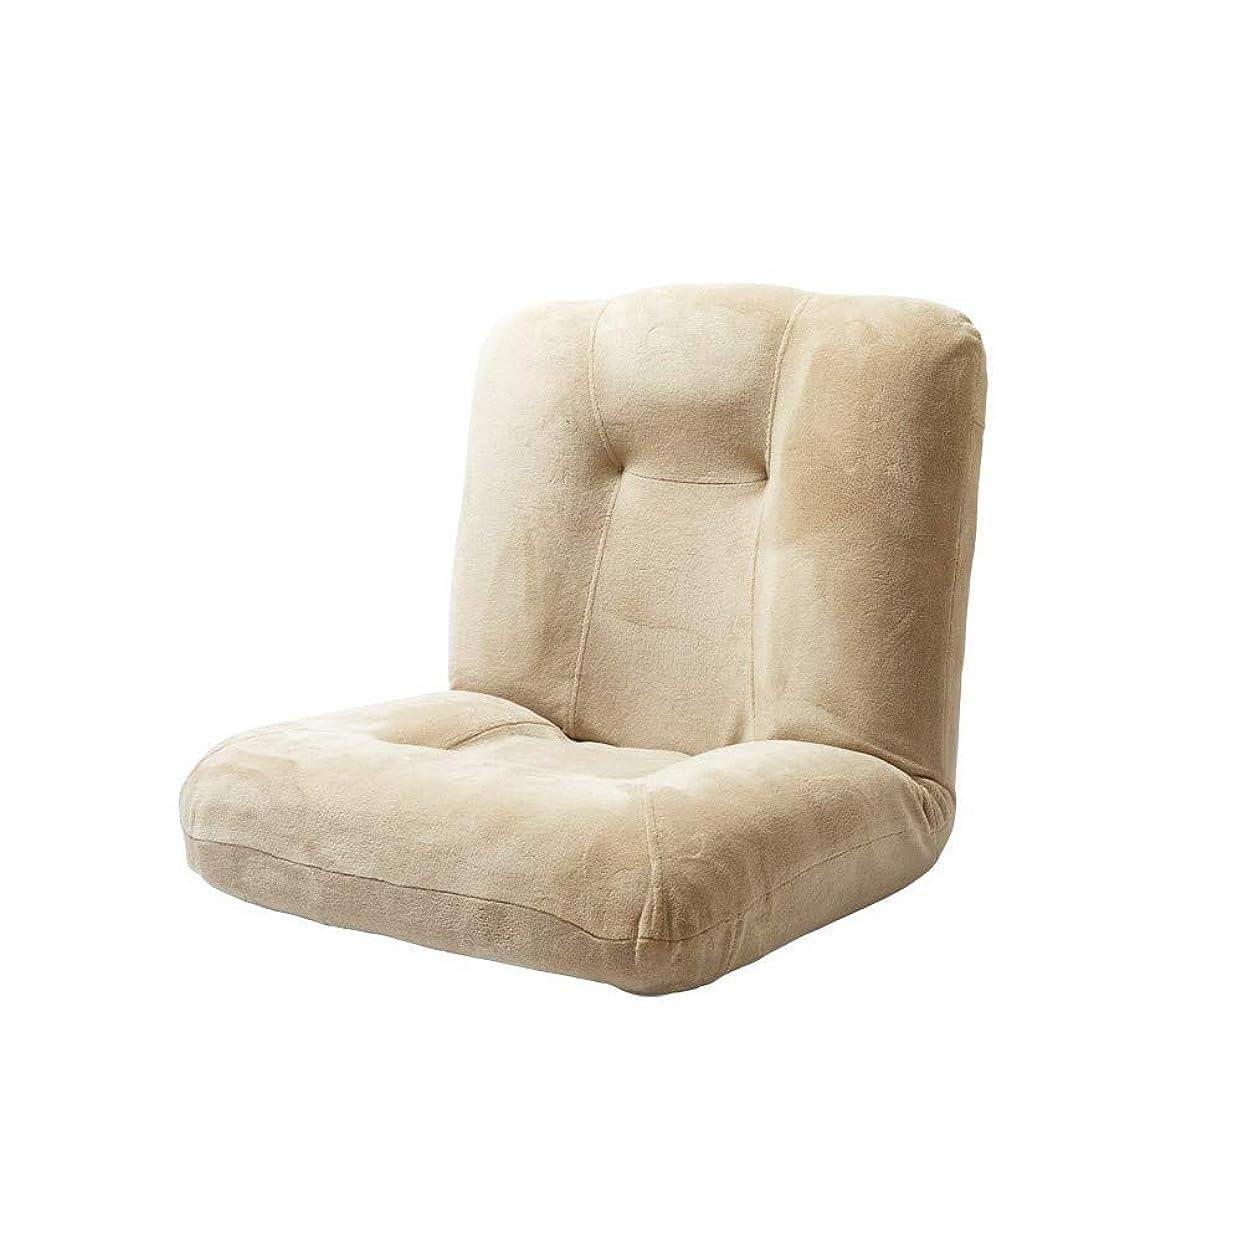 要塞定規接続詞アイリスプラザ 座椅子 ベージュ 幅74×奥行72~125×高さ18~68 CG-875-MFB